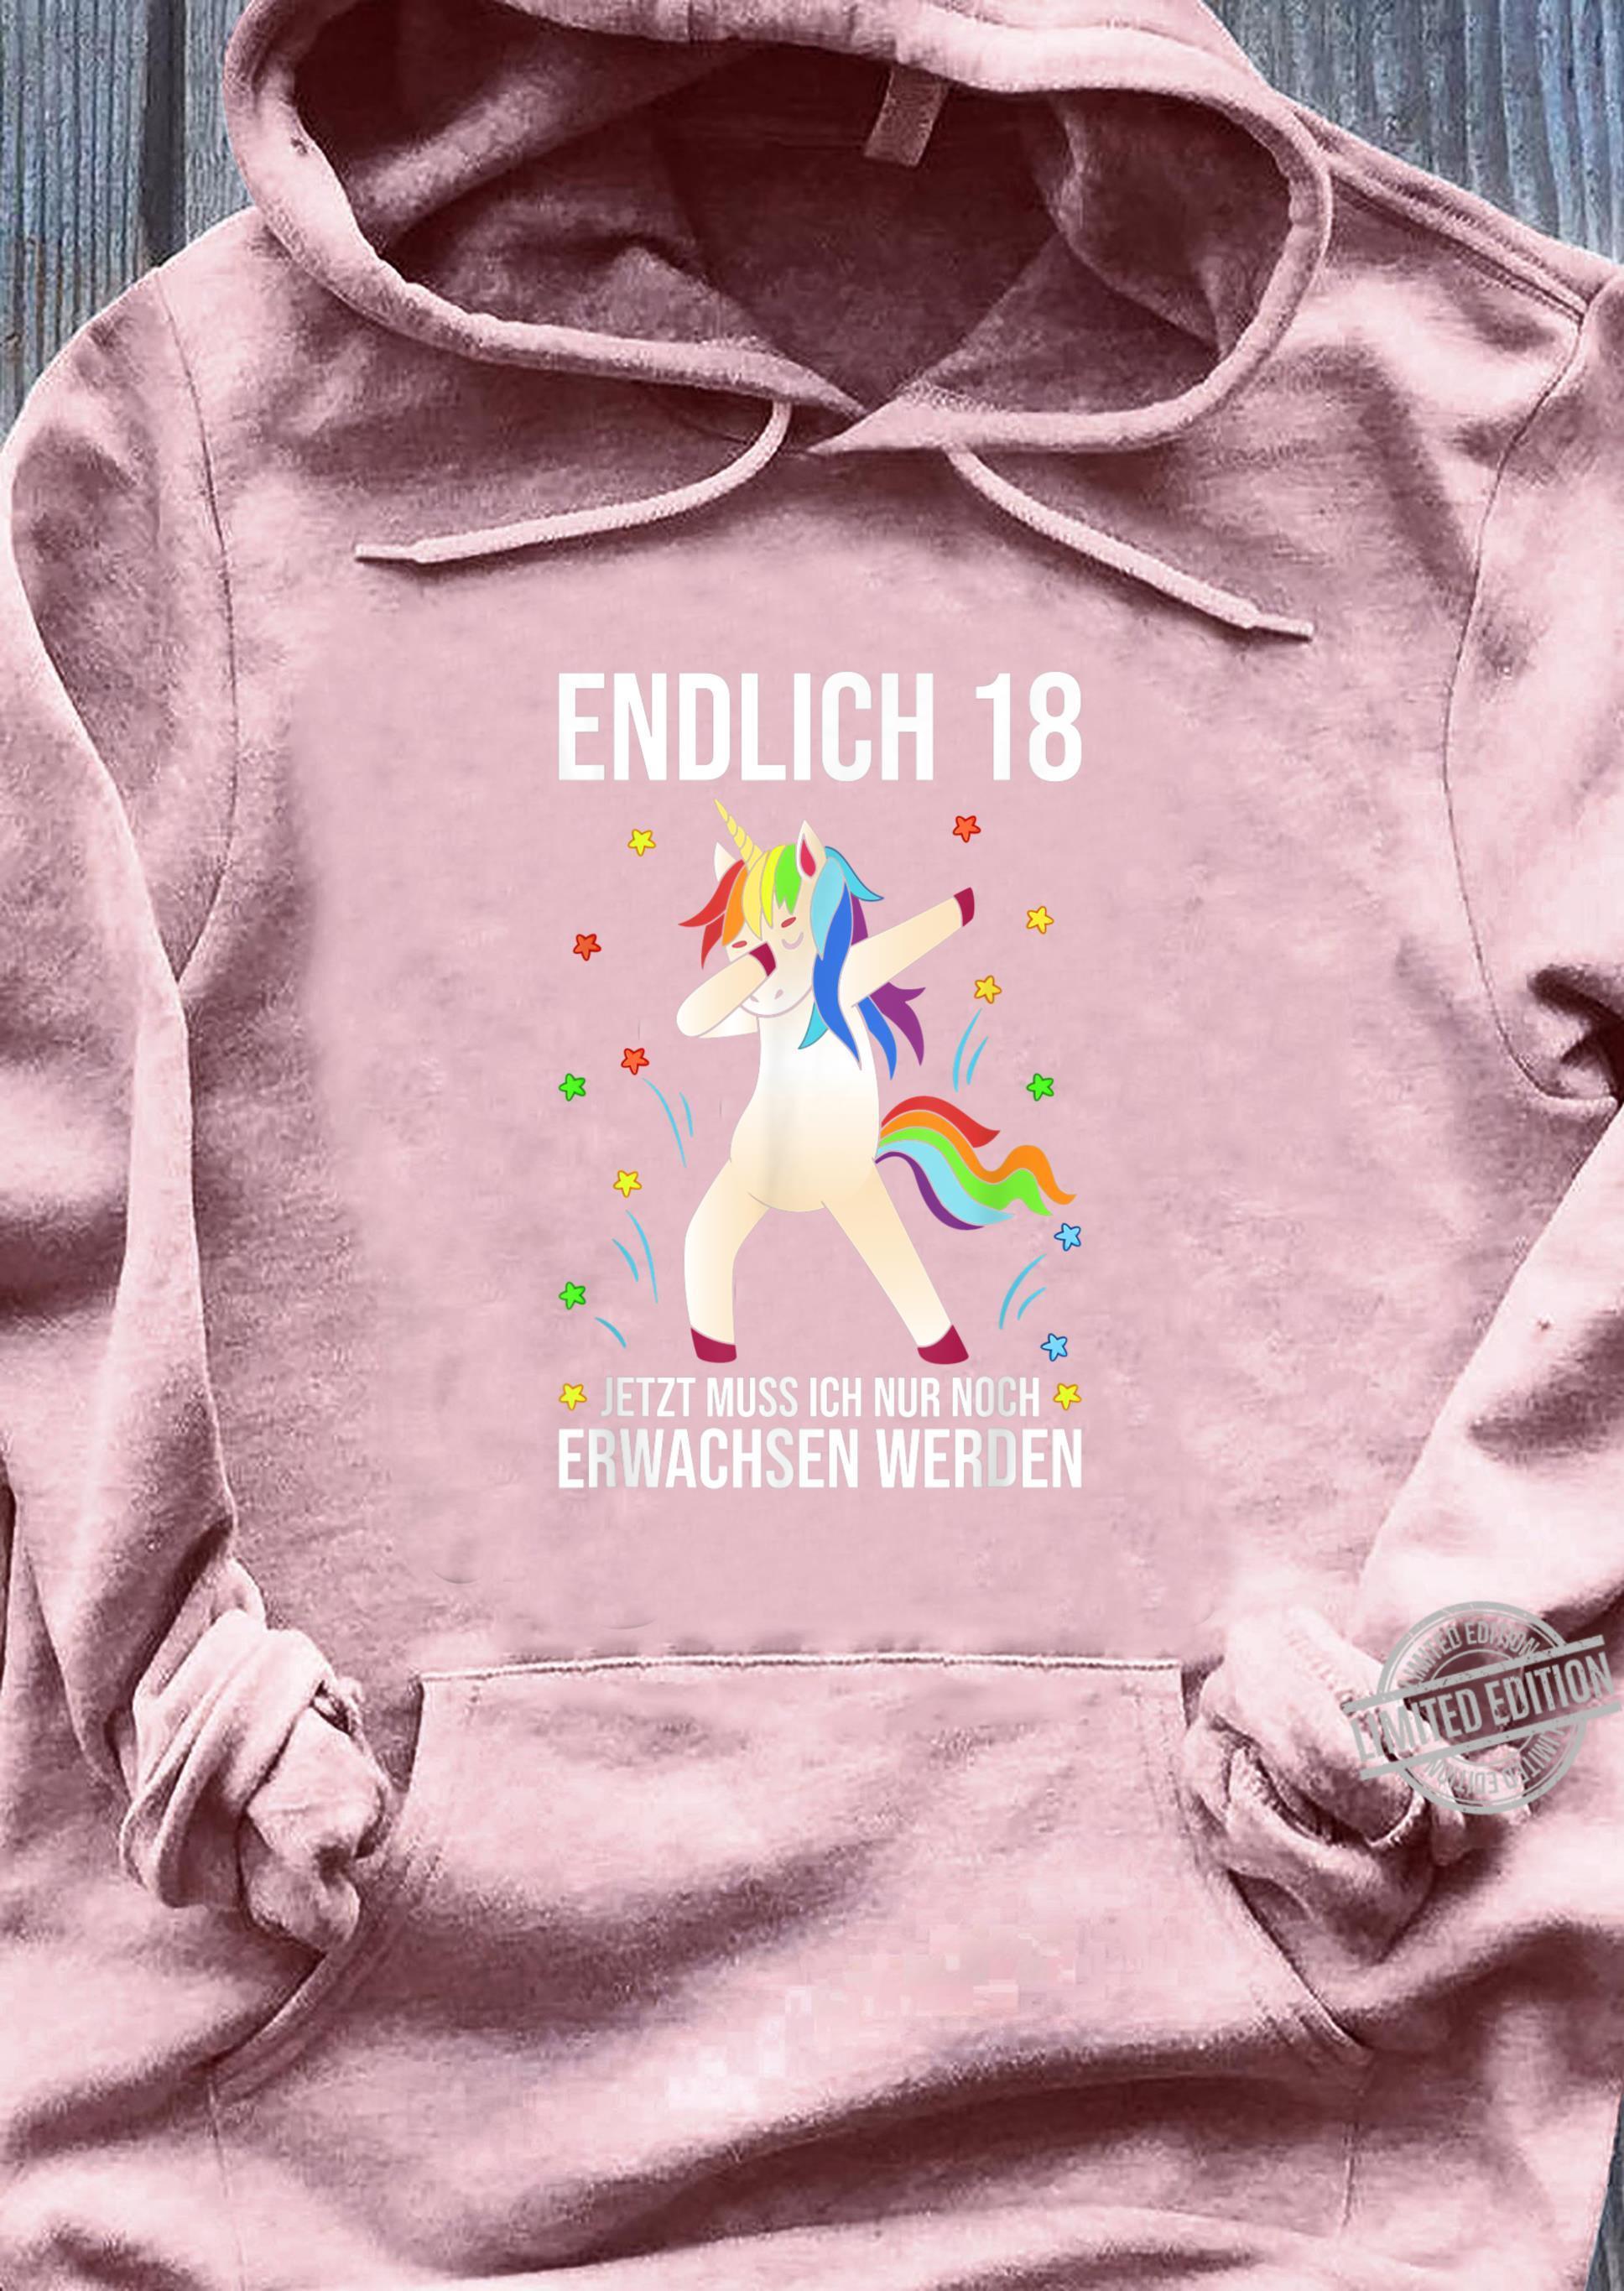 Endlich 18 jetzt muss ich nur noch erwachsen werden Shirt sweater